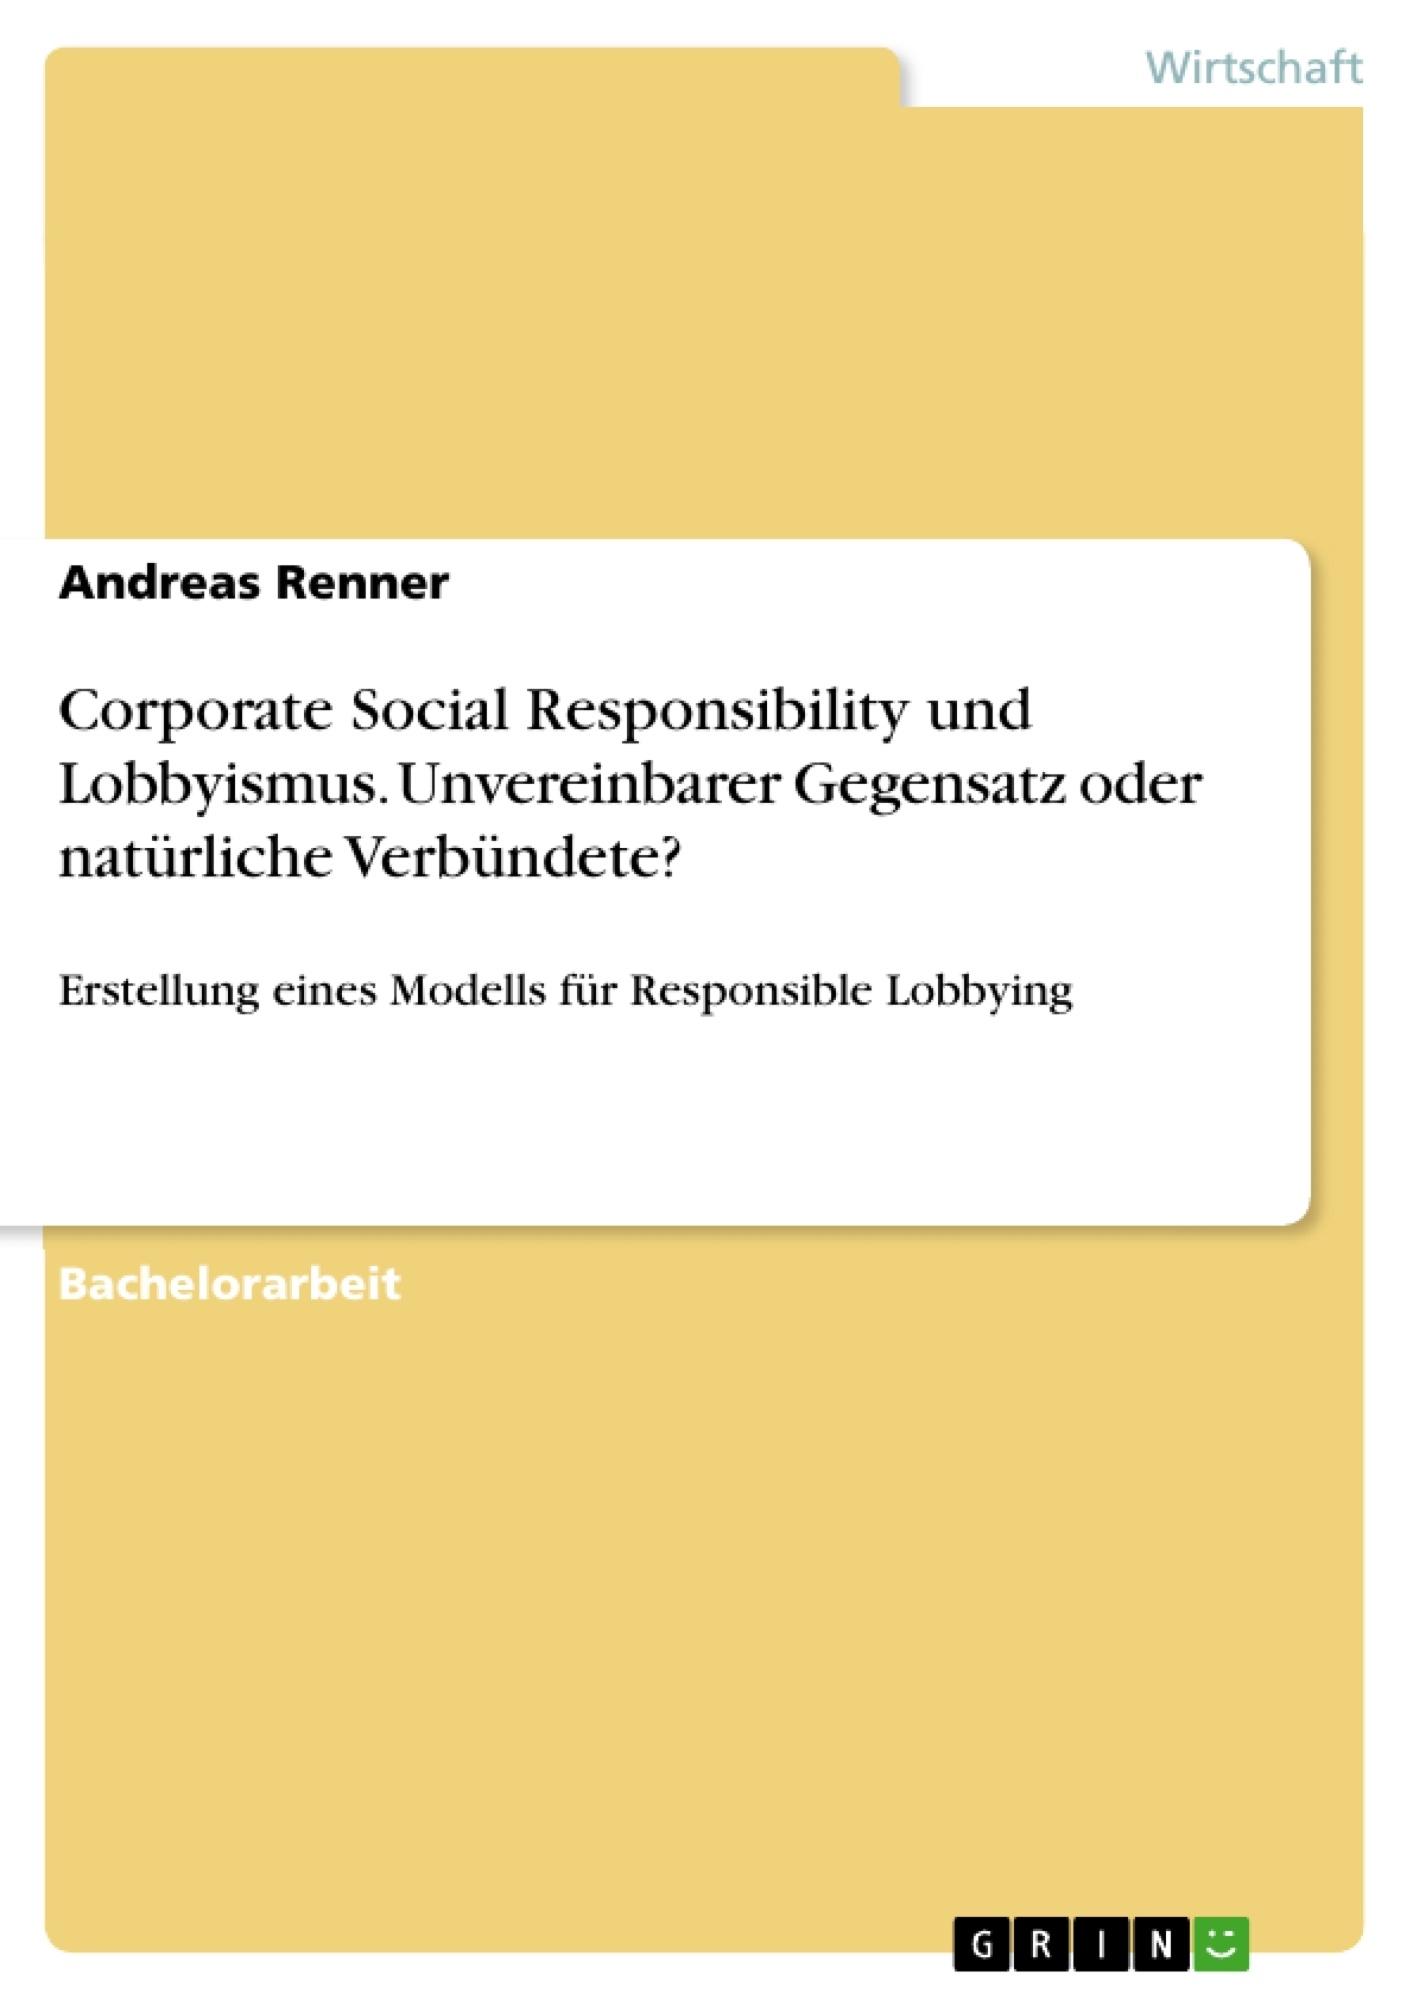 Titel: Corporate Social Responsibility und Lobbyismus. Unvereinbarer Gegensatz oder natürliche Verbündete?